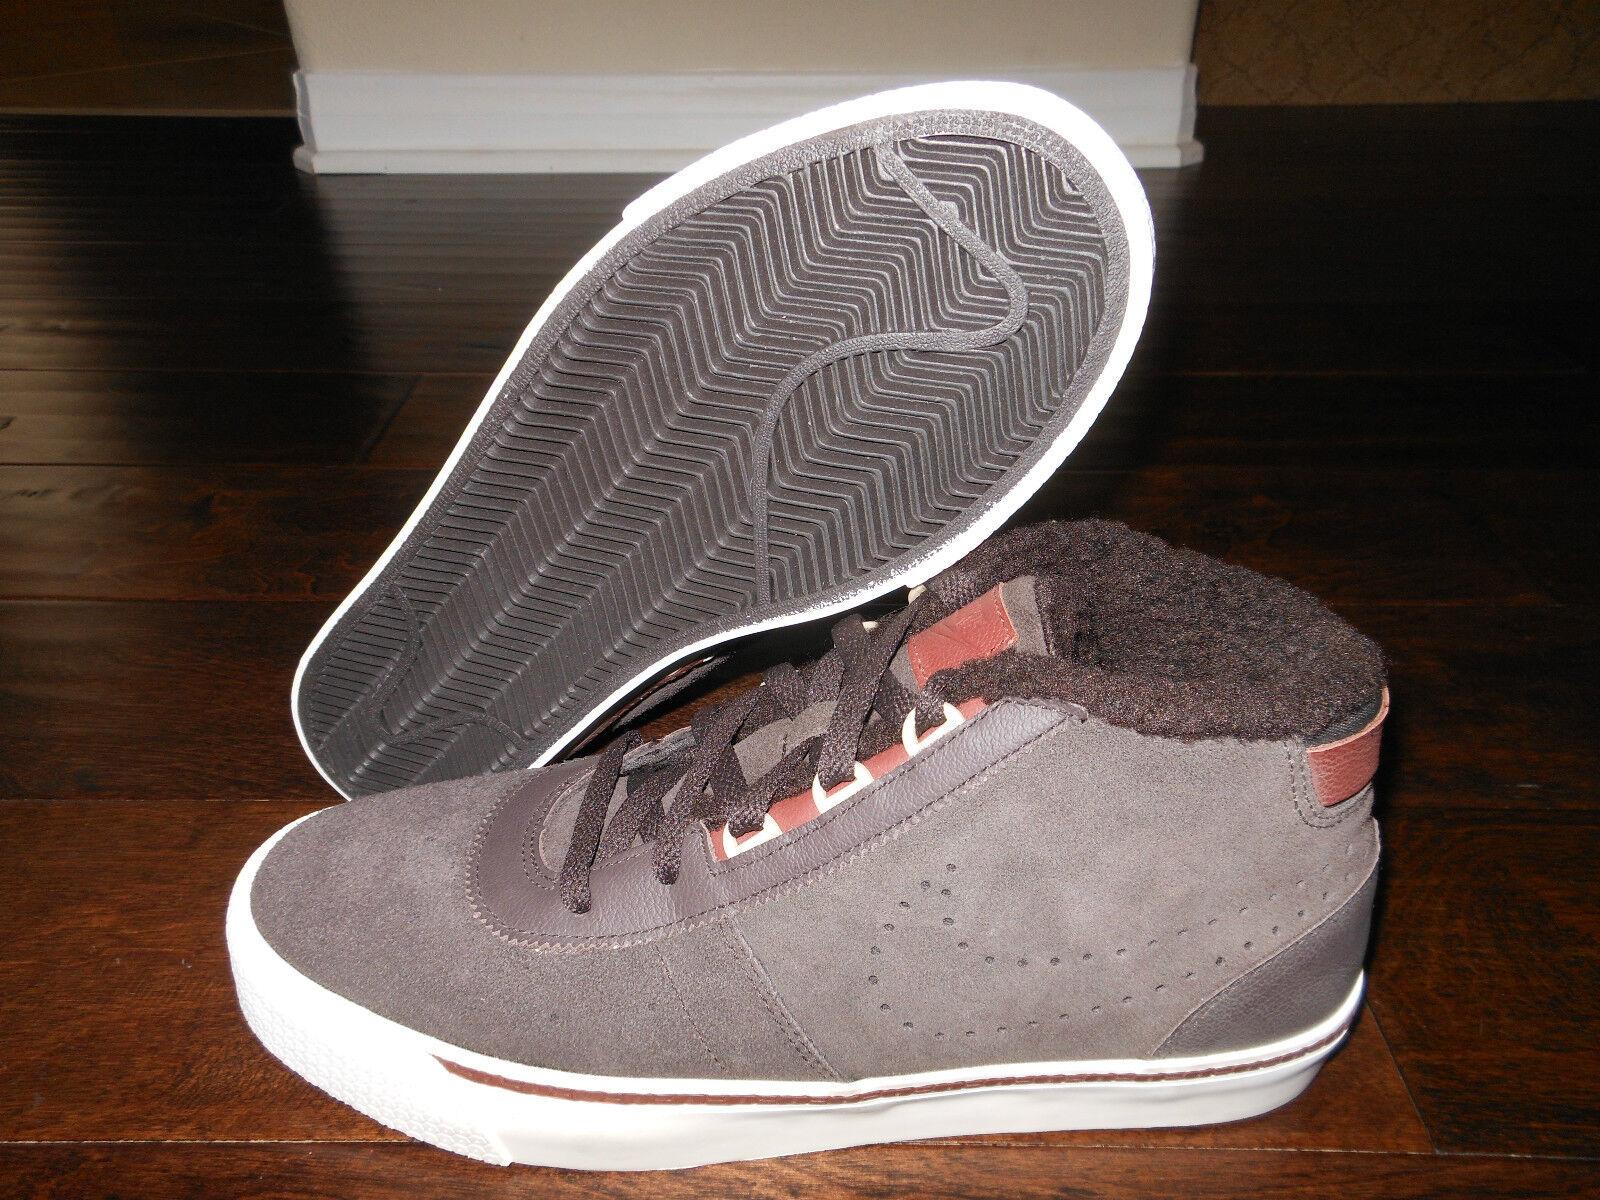 NIKE HACHI LTR Leather Shoes Size 7 Men 40 EUR Velvet Brown/Oxen